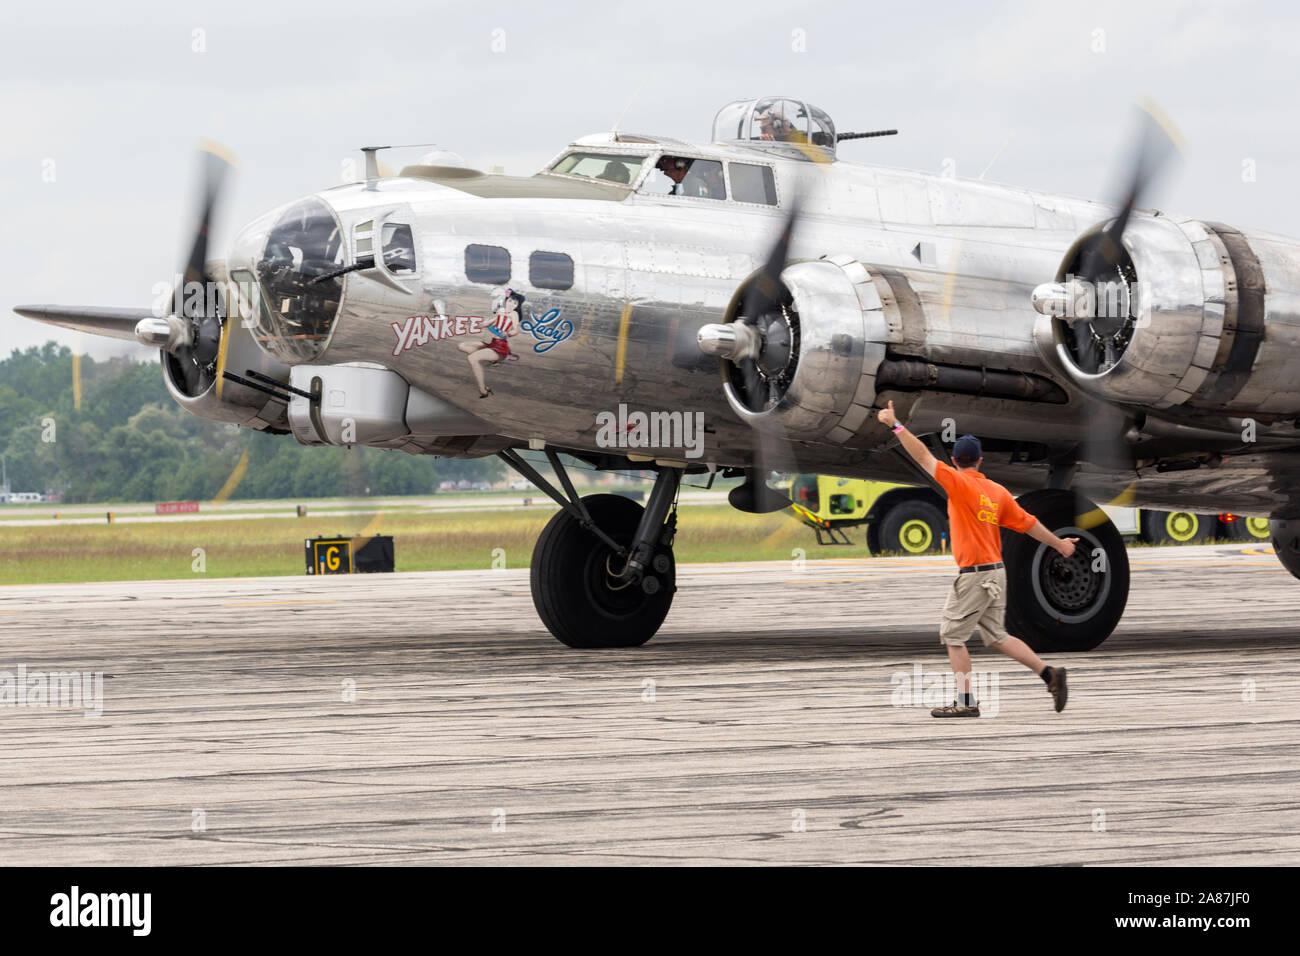 En Ypsilanti, Michigan, EE.UU. / - Agosto 25, 2018: La II Guerra Mundial era un B-17 Flying Fortress en el 2018 Thunder sobre Michigan Airshow. Foto de stock